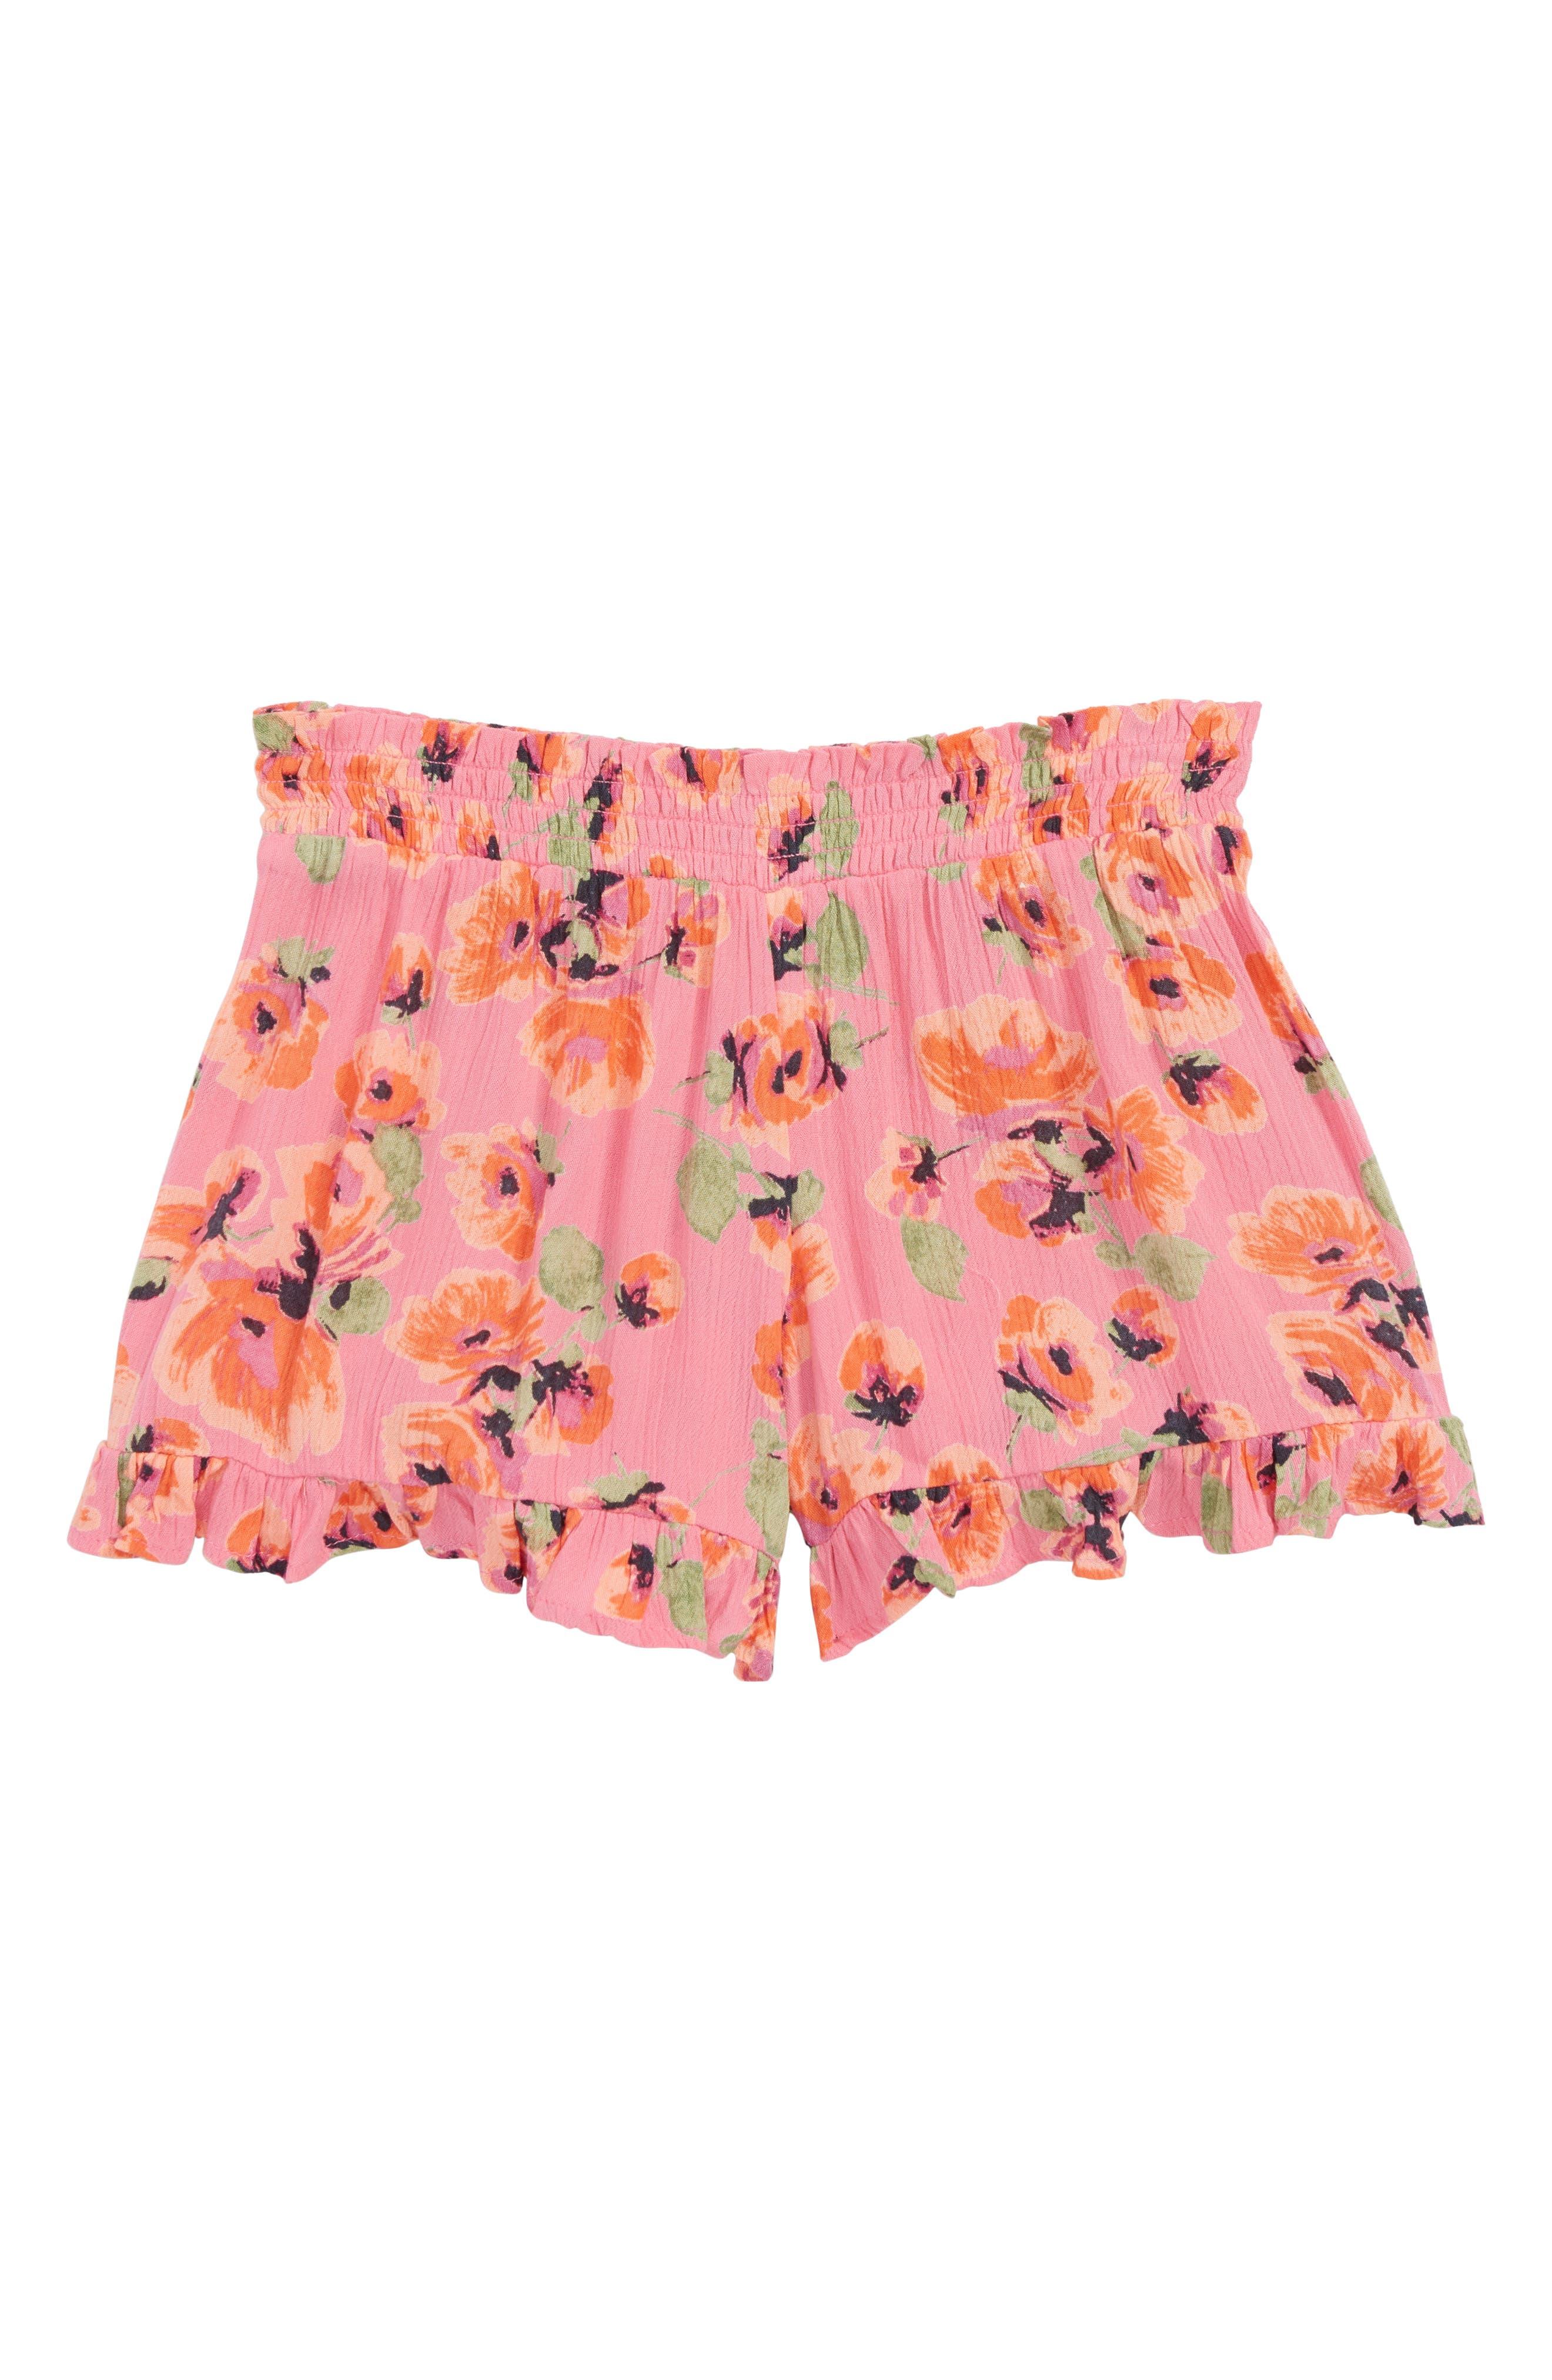 Wild Wave Shorts,                         Main,                         color, Tahiti Pink